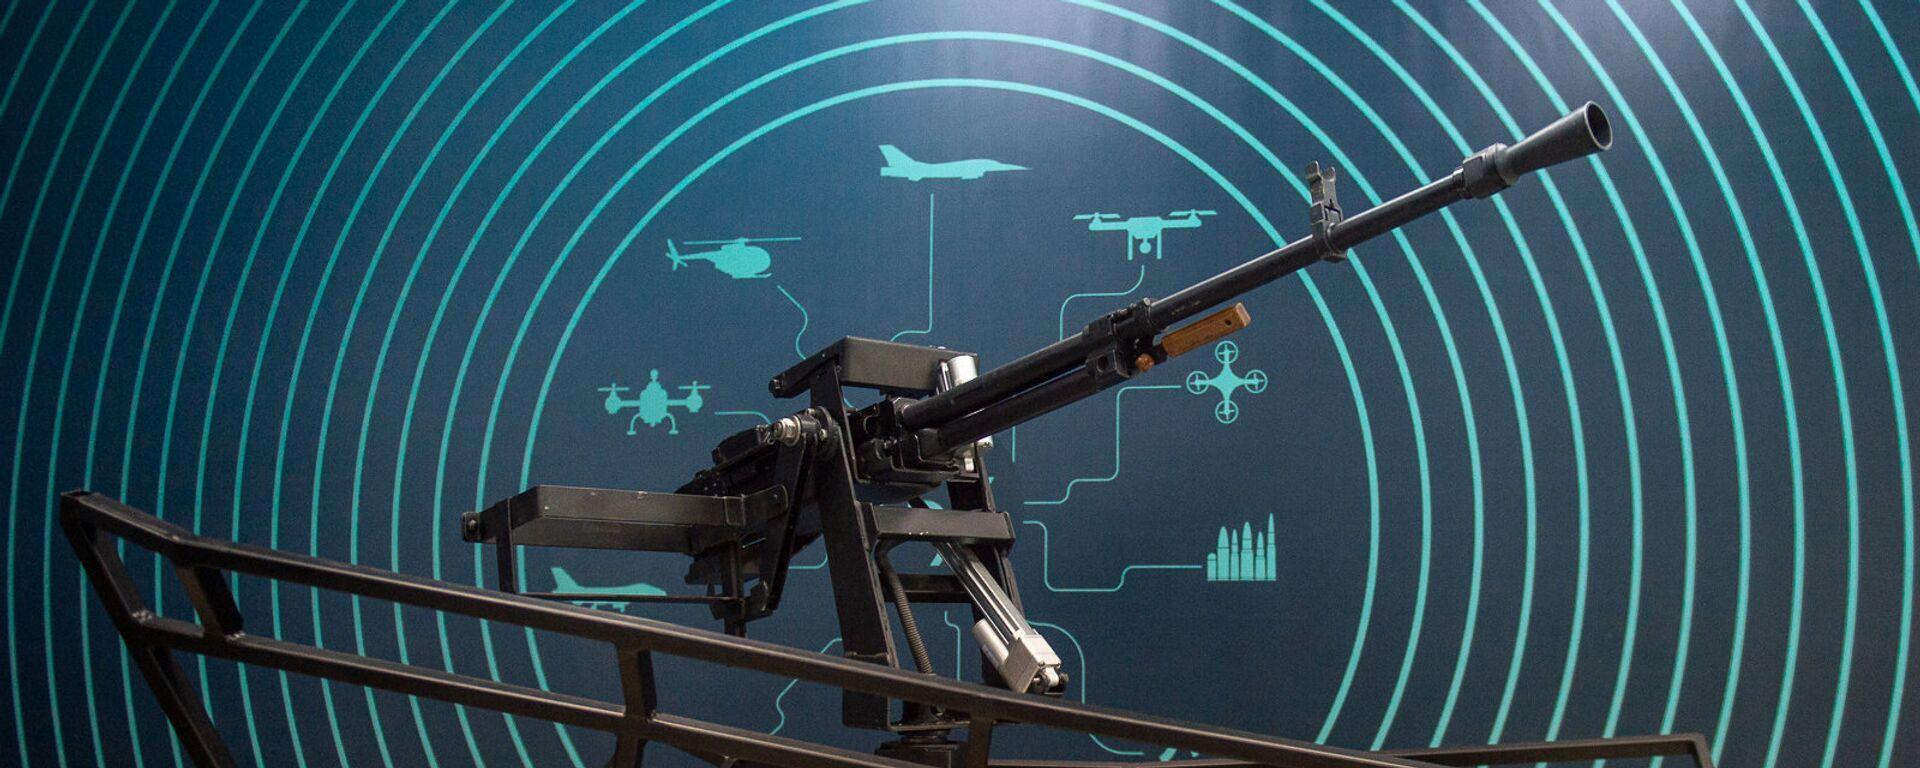 В столице стартовала выставка DigiTech (5 октября 2018). Ереван - Sputnik Армения, 1920, 02.06.2021